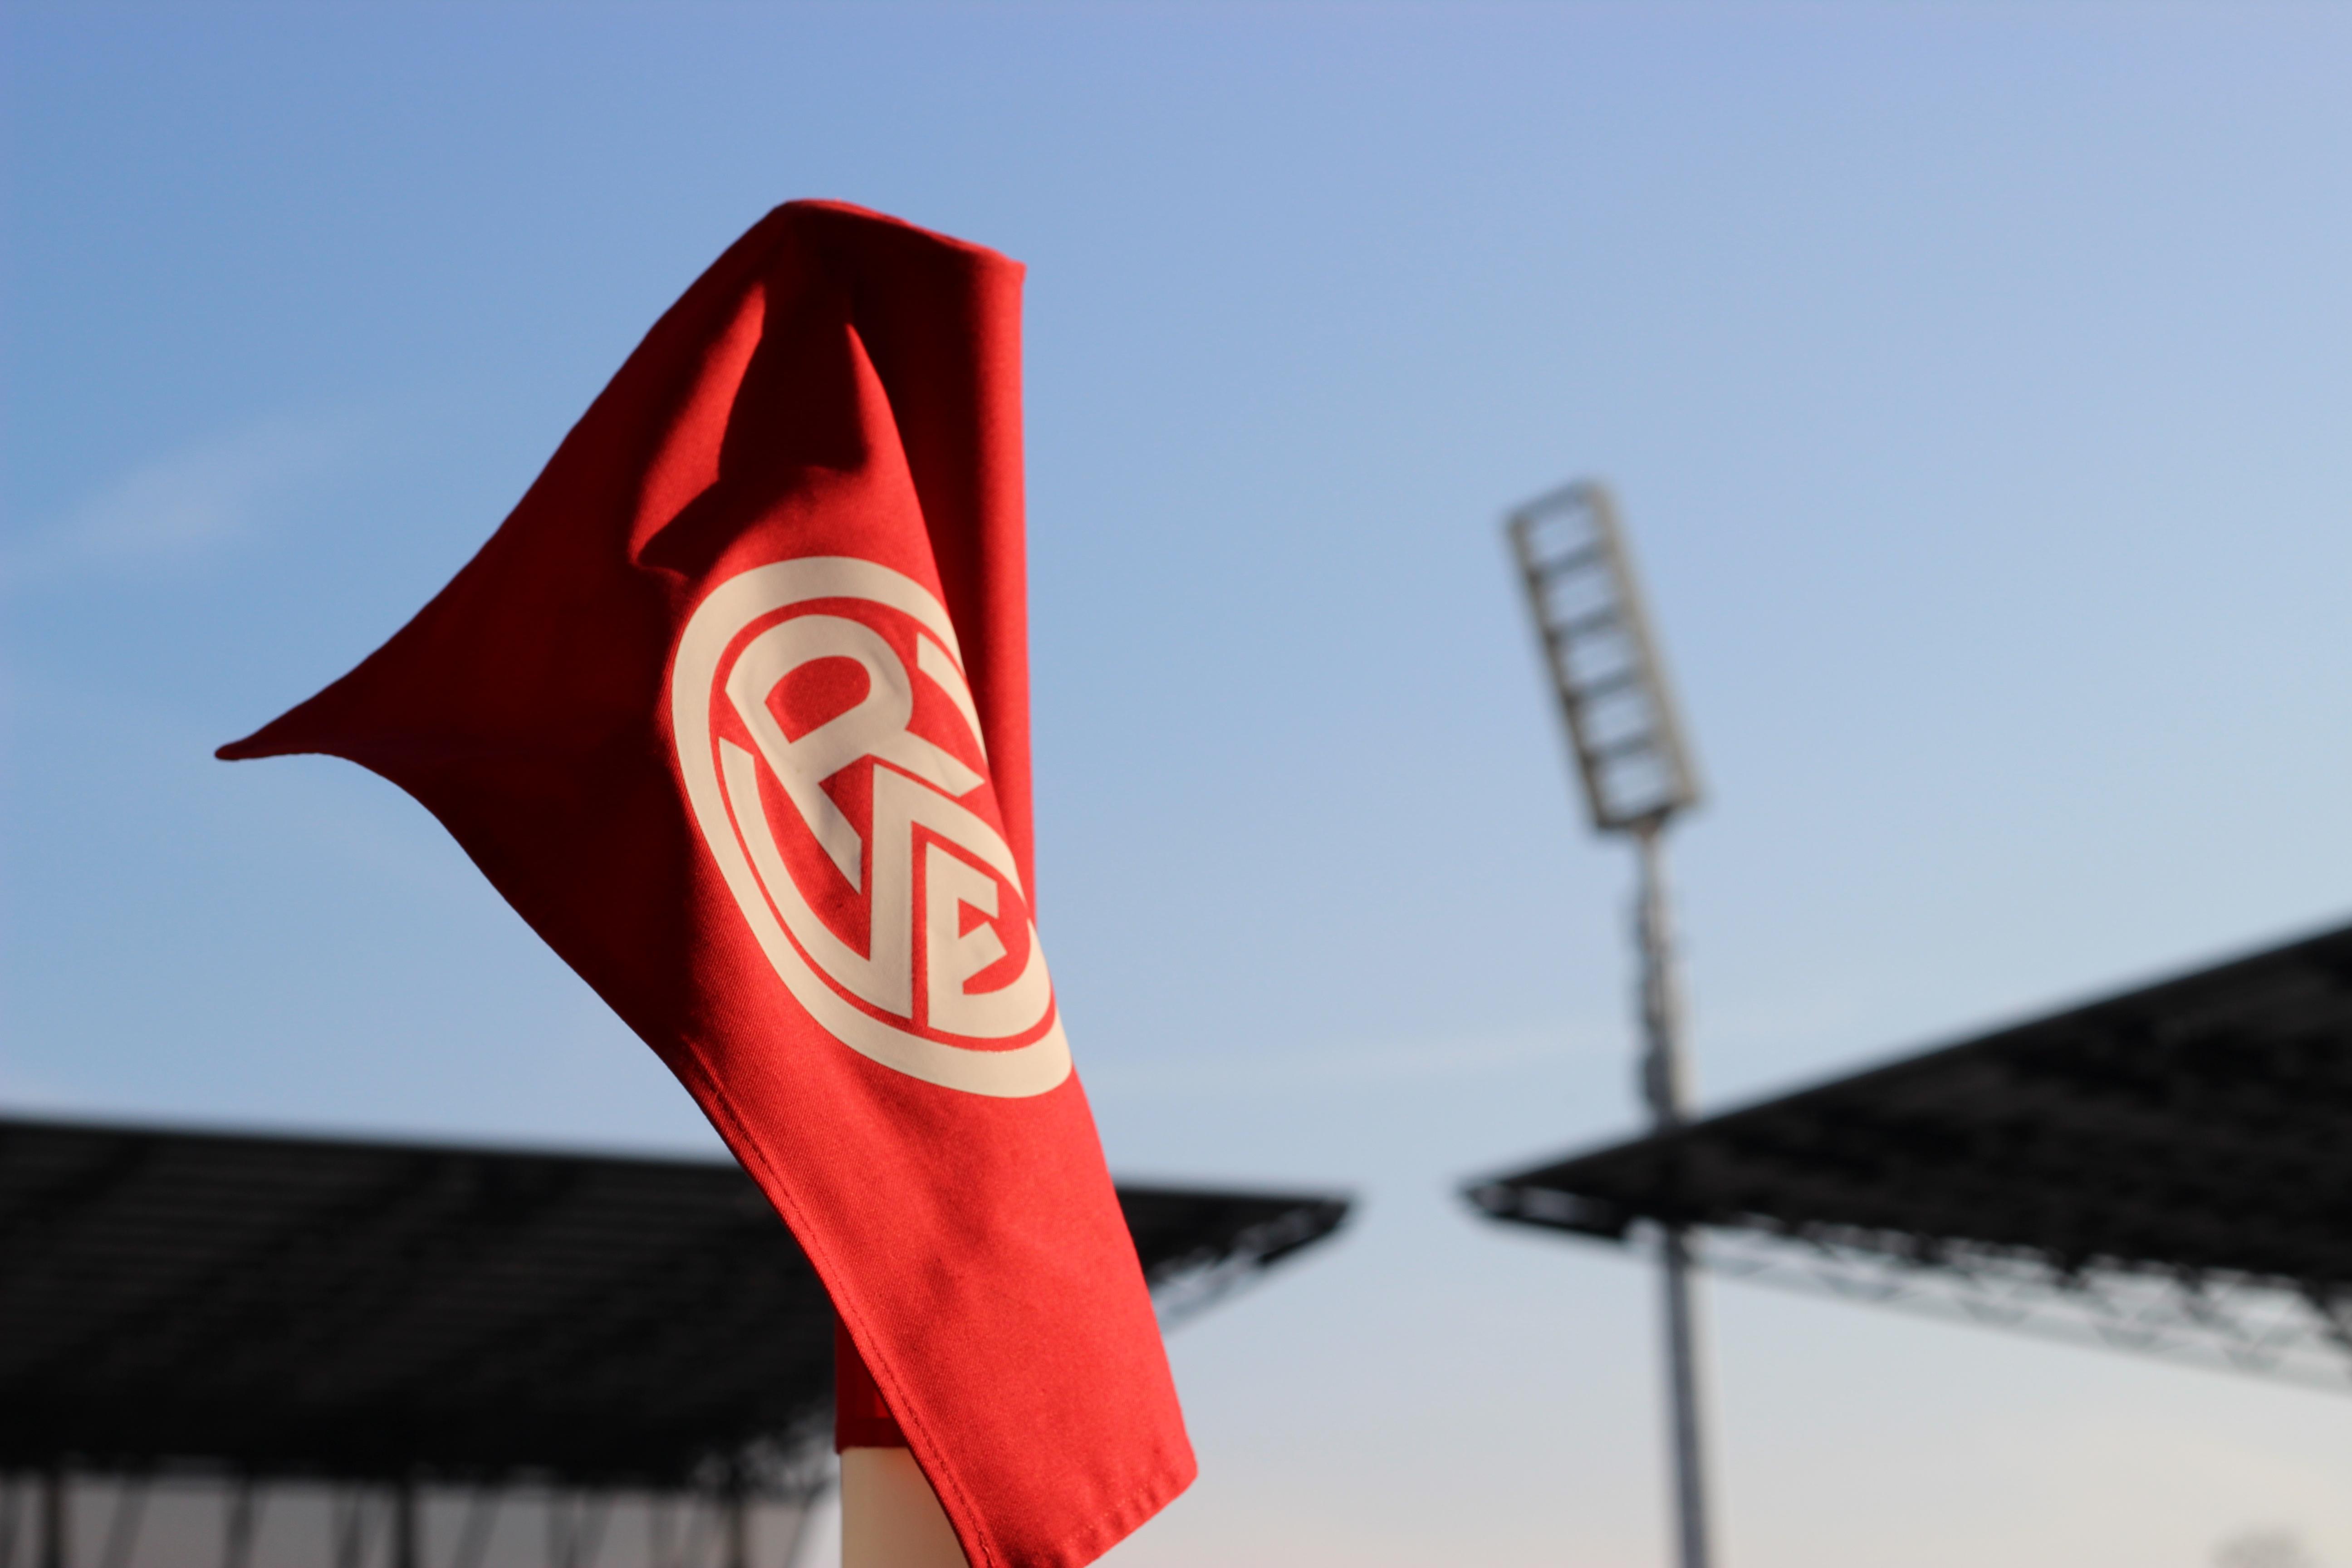 Der Westdeutsche Fußballverband hat die restlichen Partien der Regionalliga-Saison 2017/2018 terminiert.